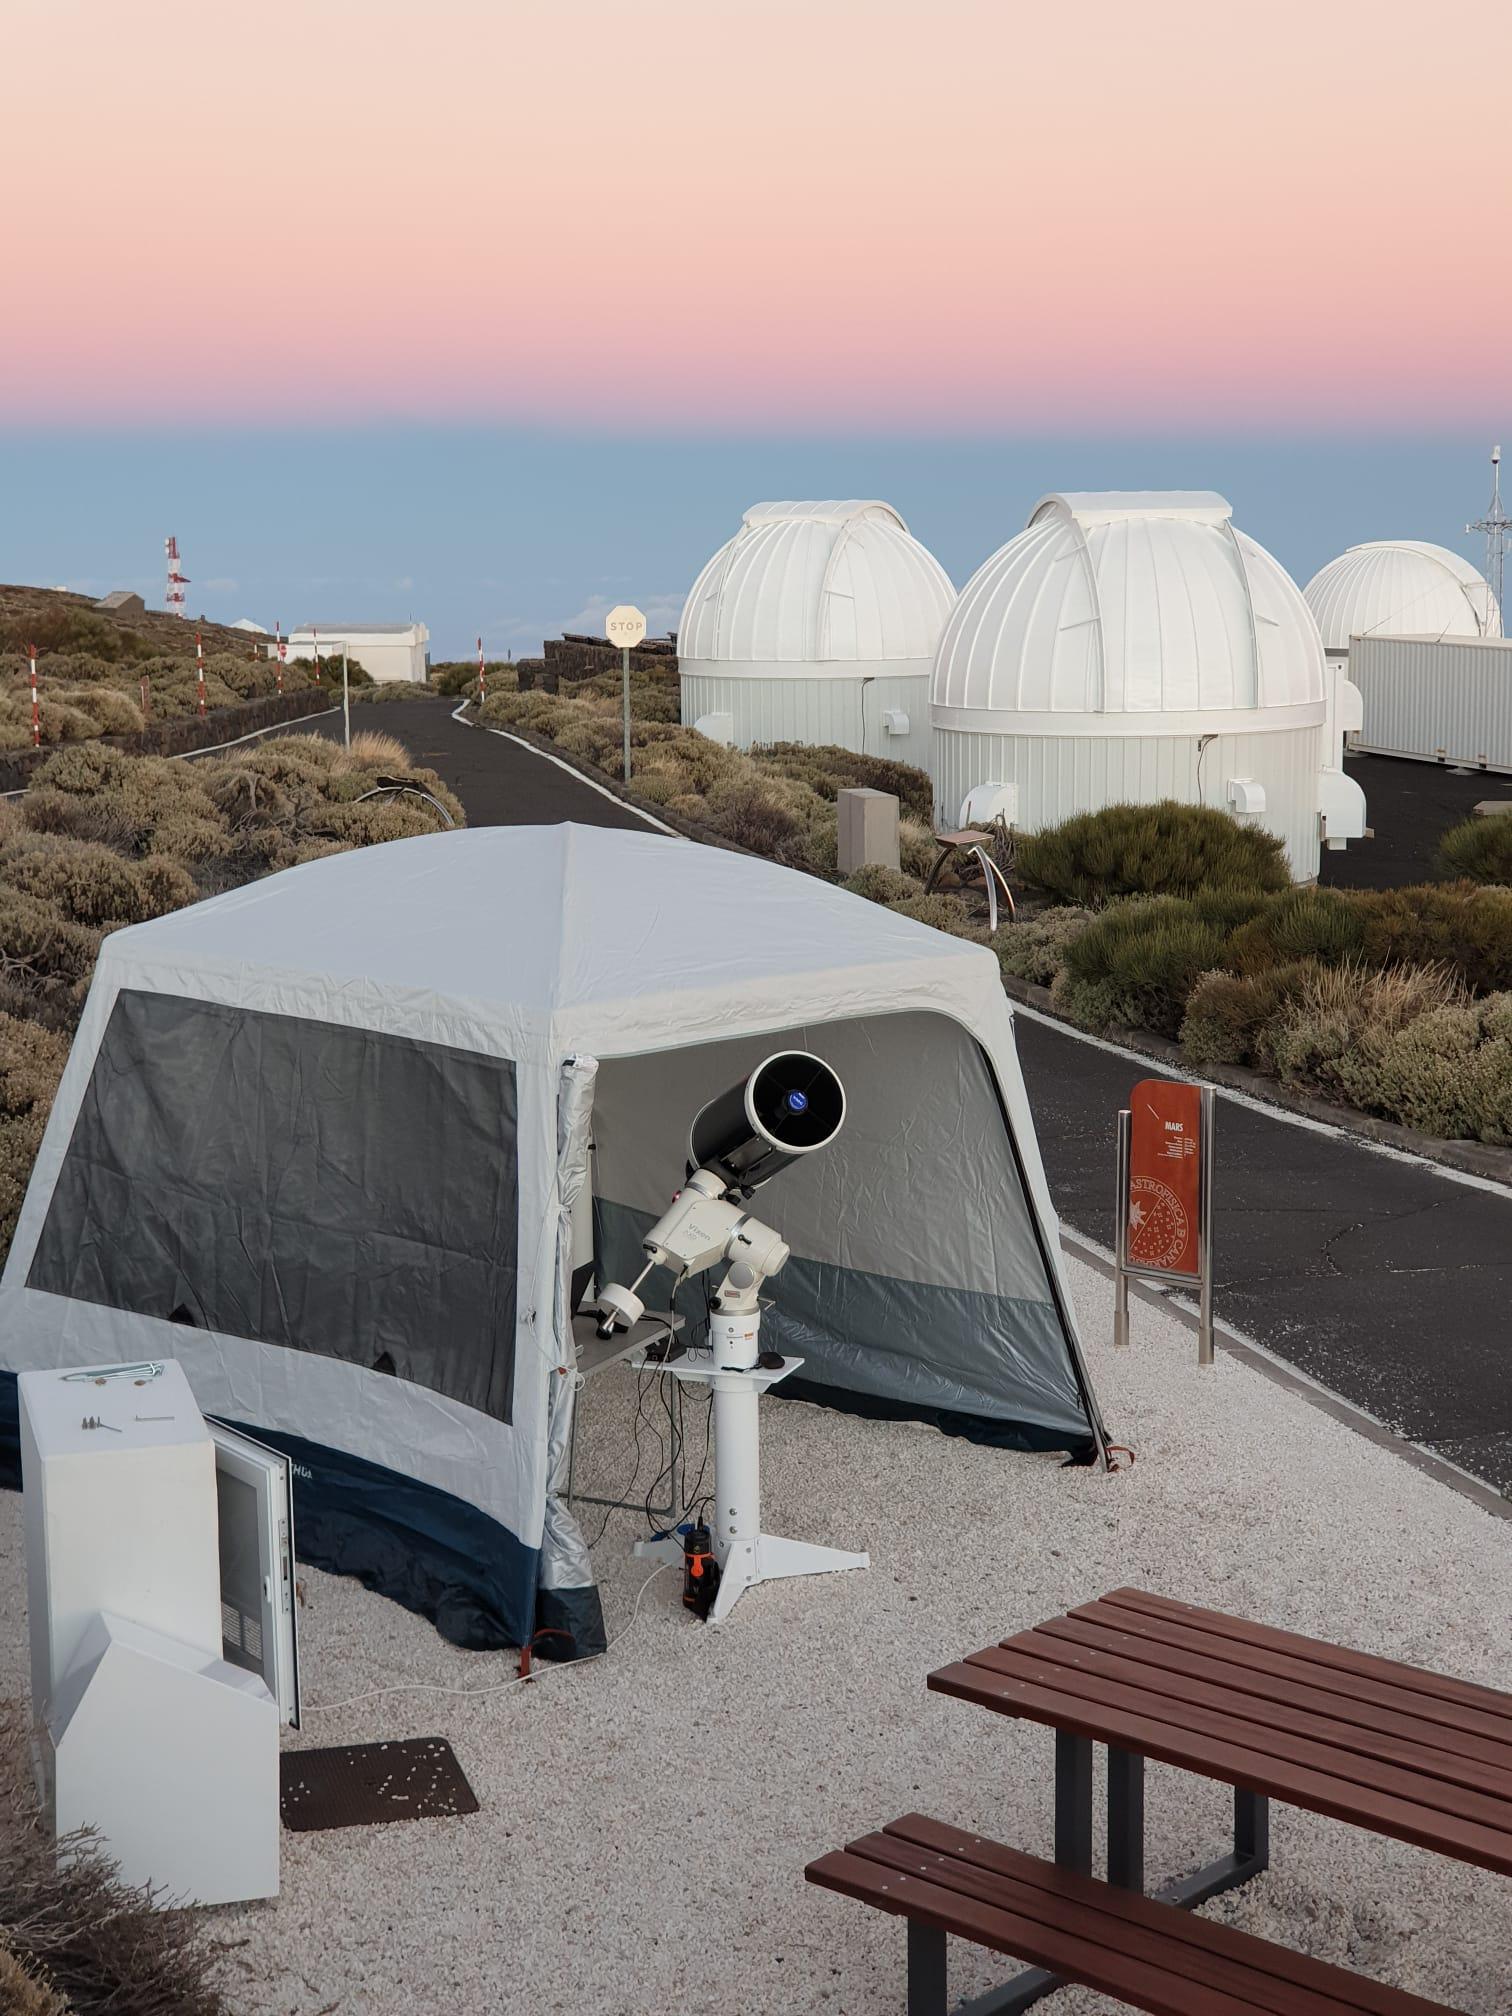 La instrumentación utilizada fue un telescopio de 26cm de apertura, una cámara de 16 megapíxeles y una rueda de filtros (LRGB). Se tomaron miles de imágenes de 10ms a unas decenas de 20s para poder mostrar los detalles del brillante Júpiter hasta la extremadamente débil luna de Saturno Hiperión (Mimas y Encélado quedaron ocultos por el brillo de Saturno).